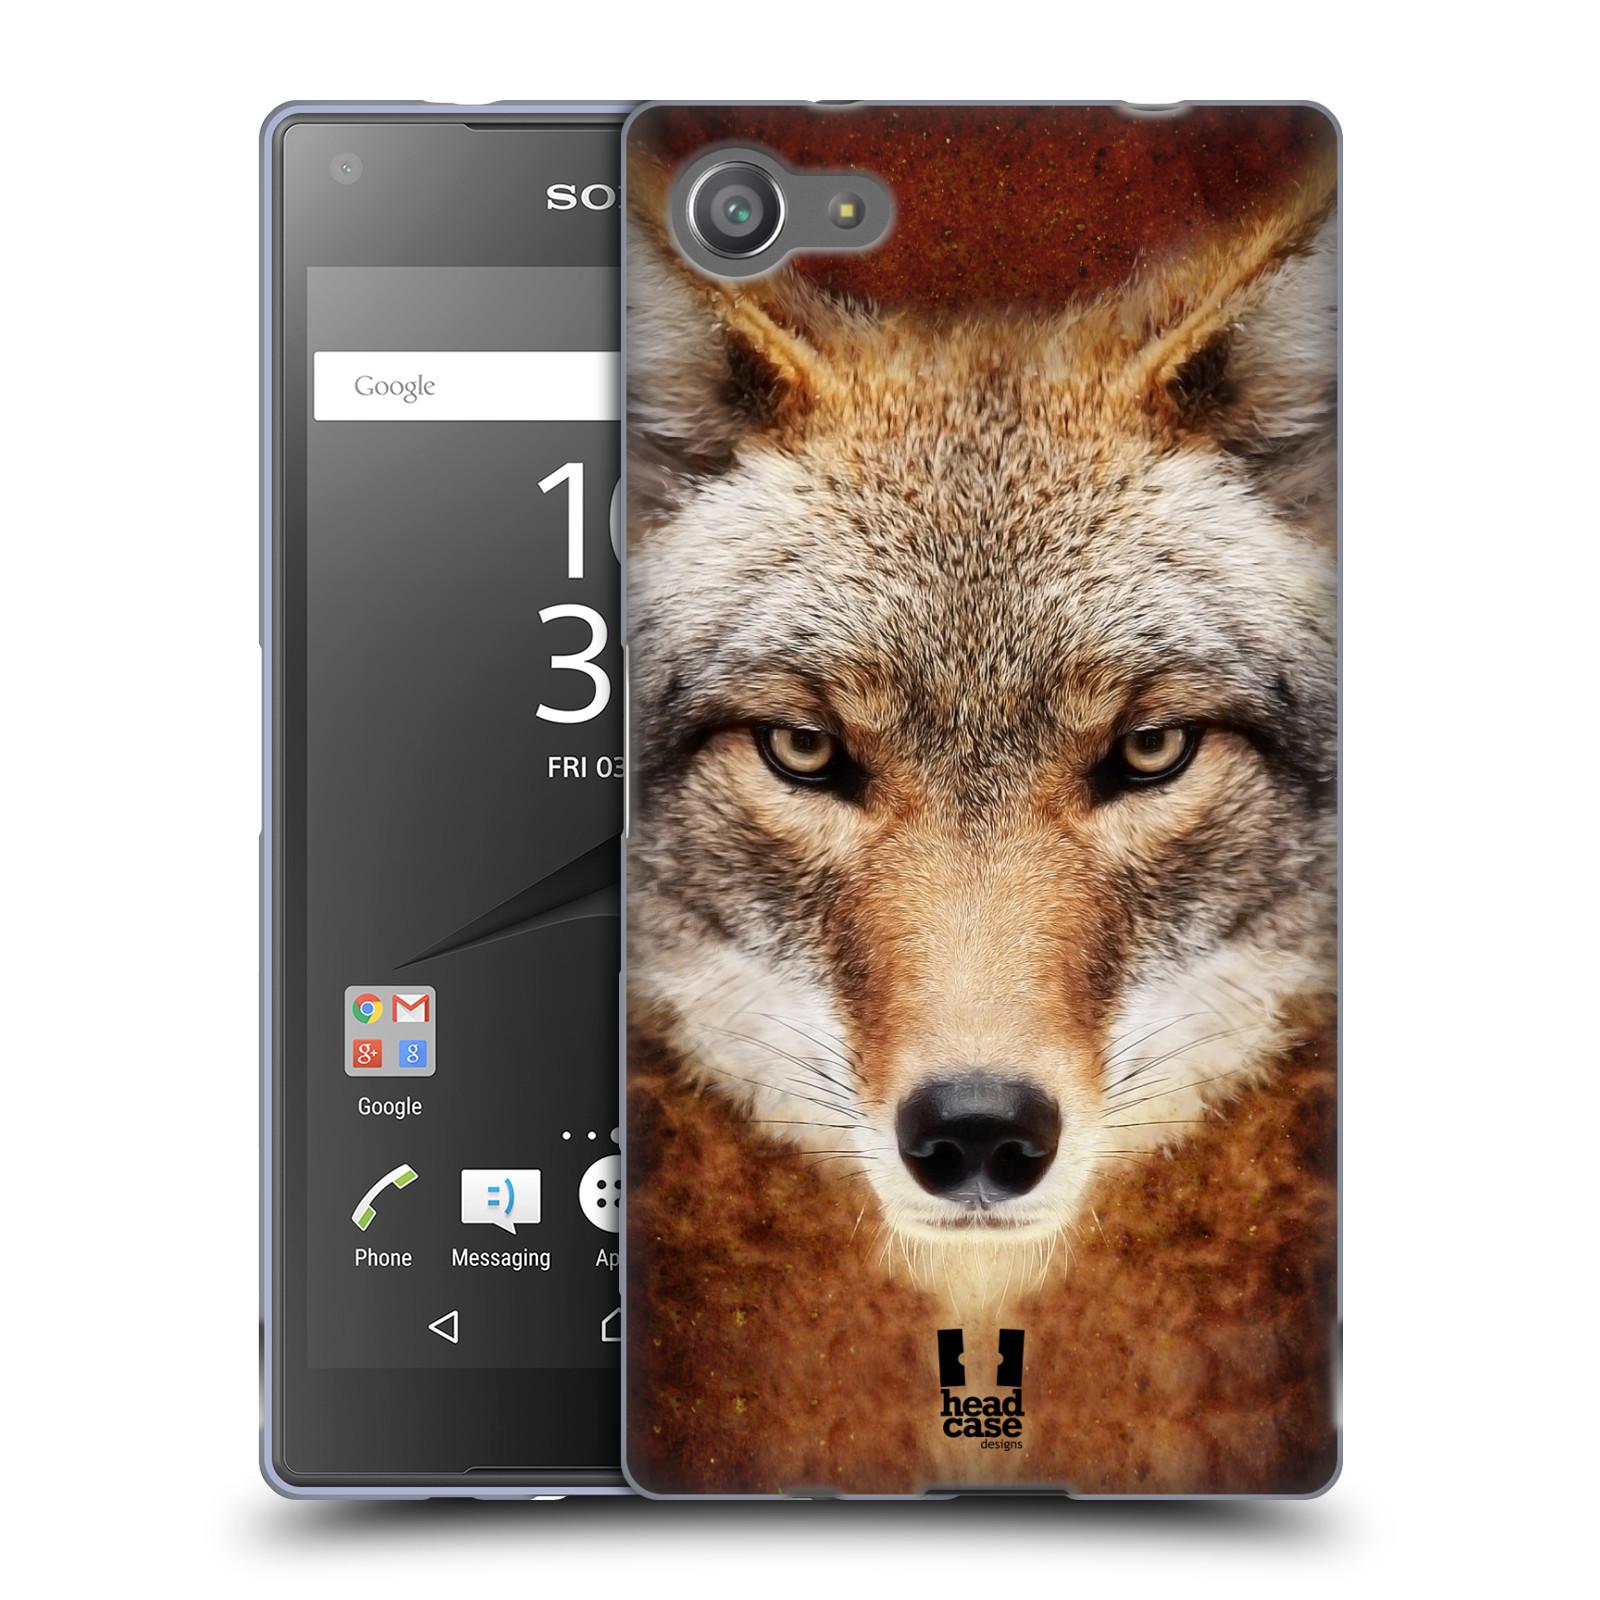 HEAD CASE silikonový obal na mobil Sony Xperia Z5 COMPACT vzor Zvířecí tváře kojot